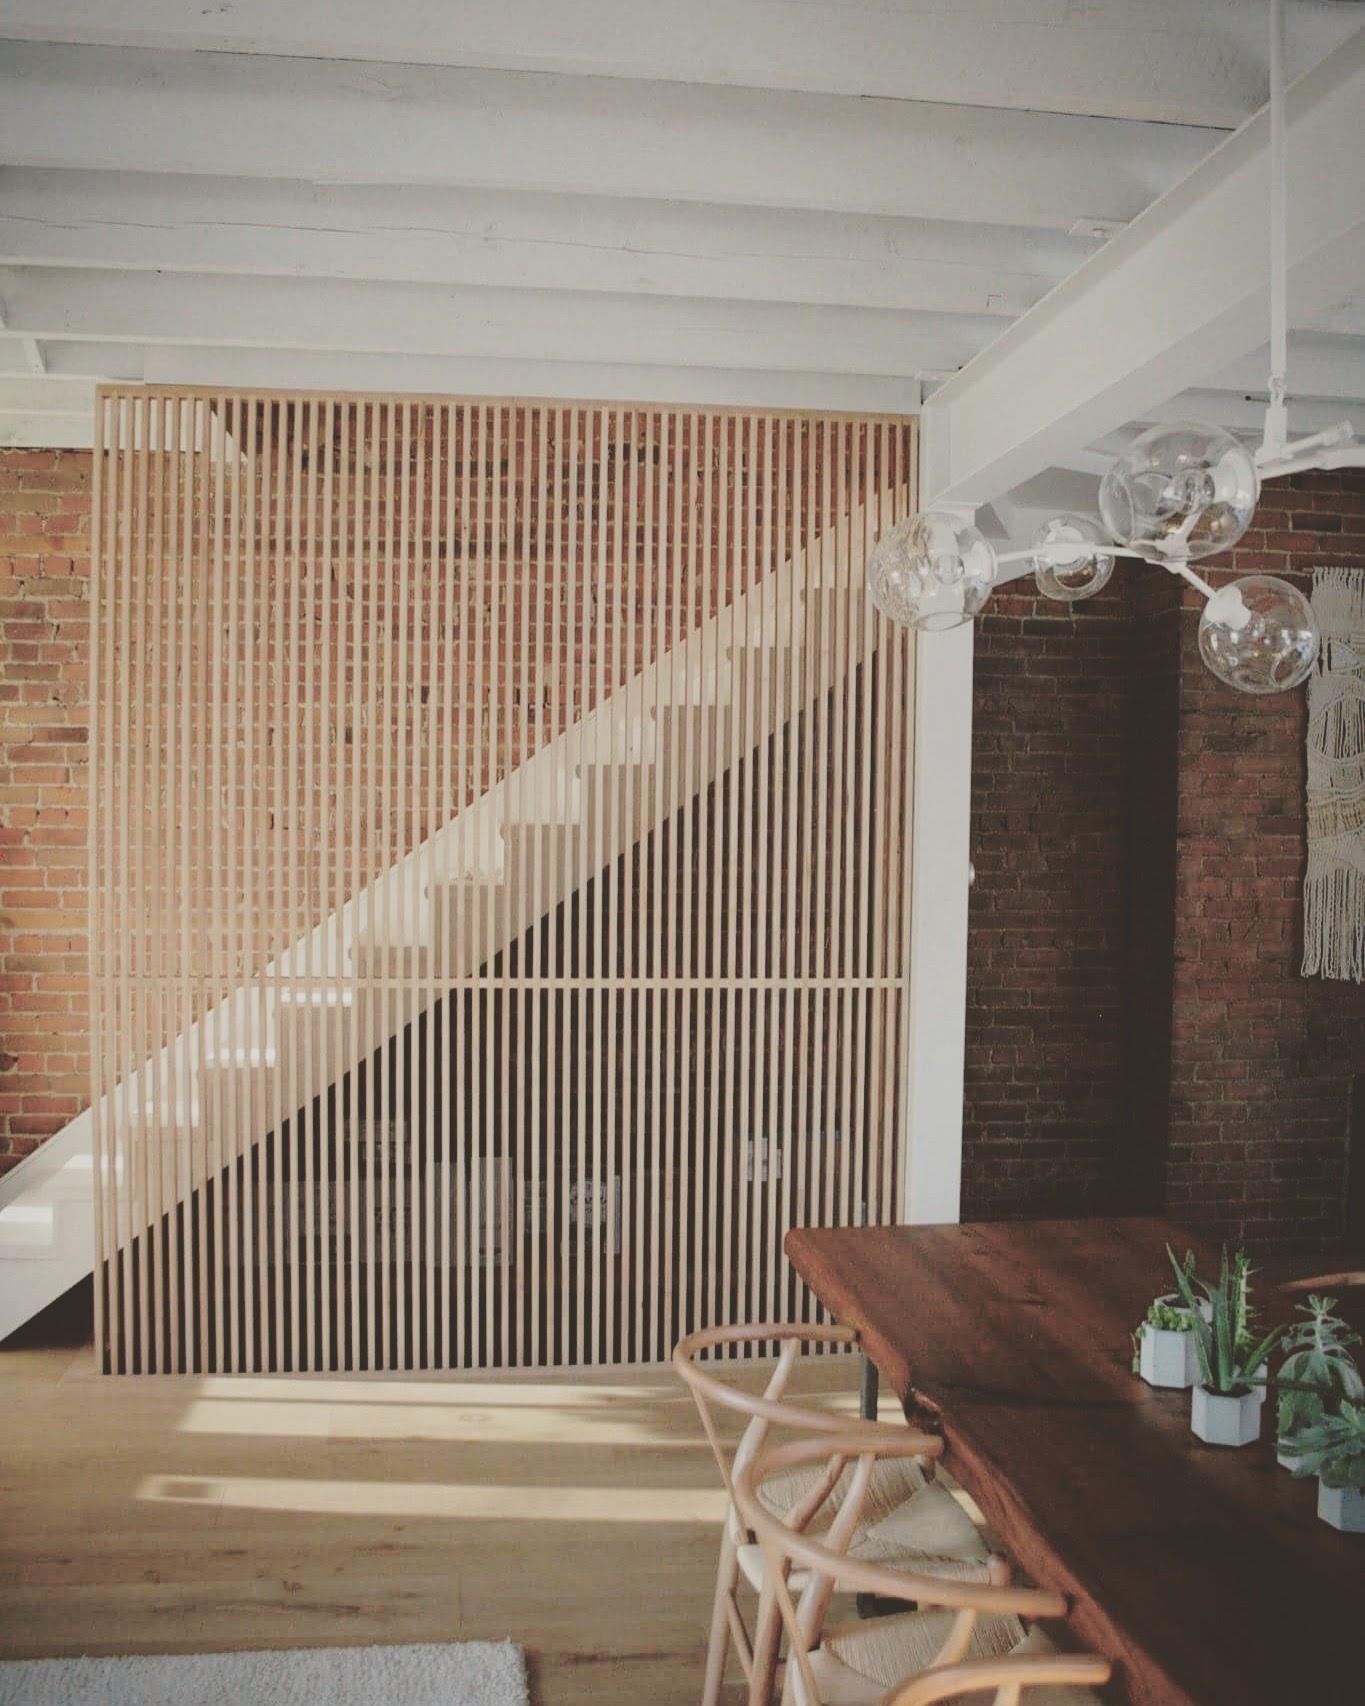 Separation Mur Interieur